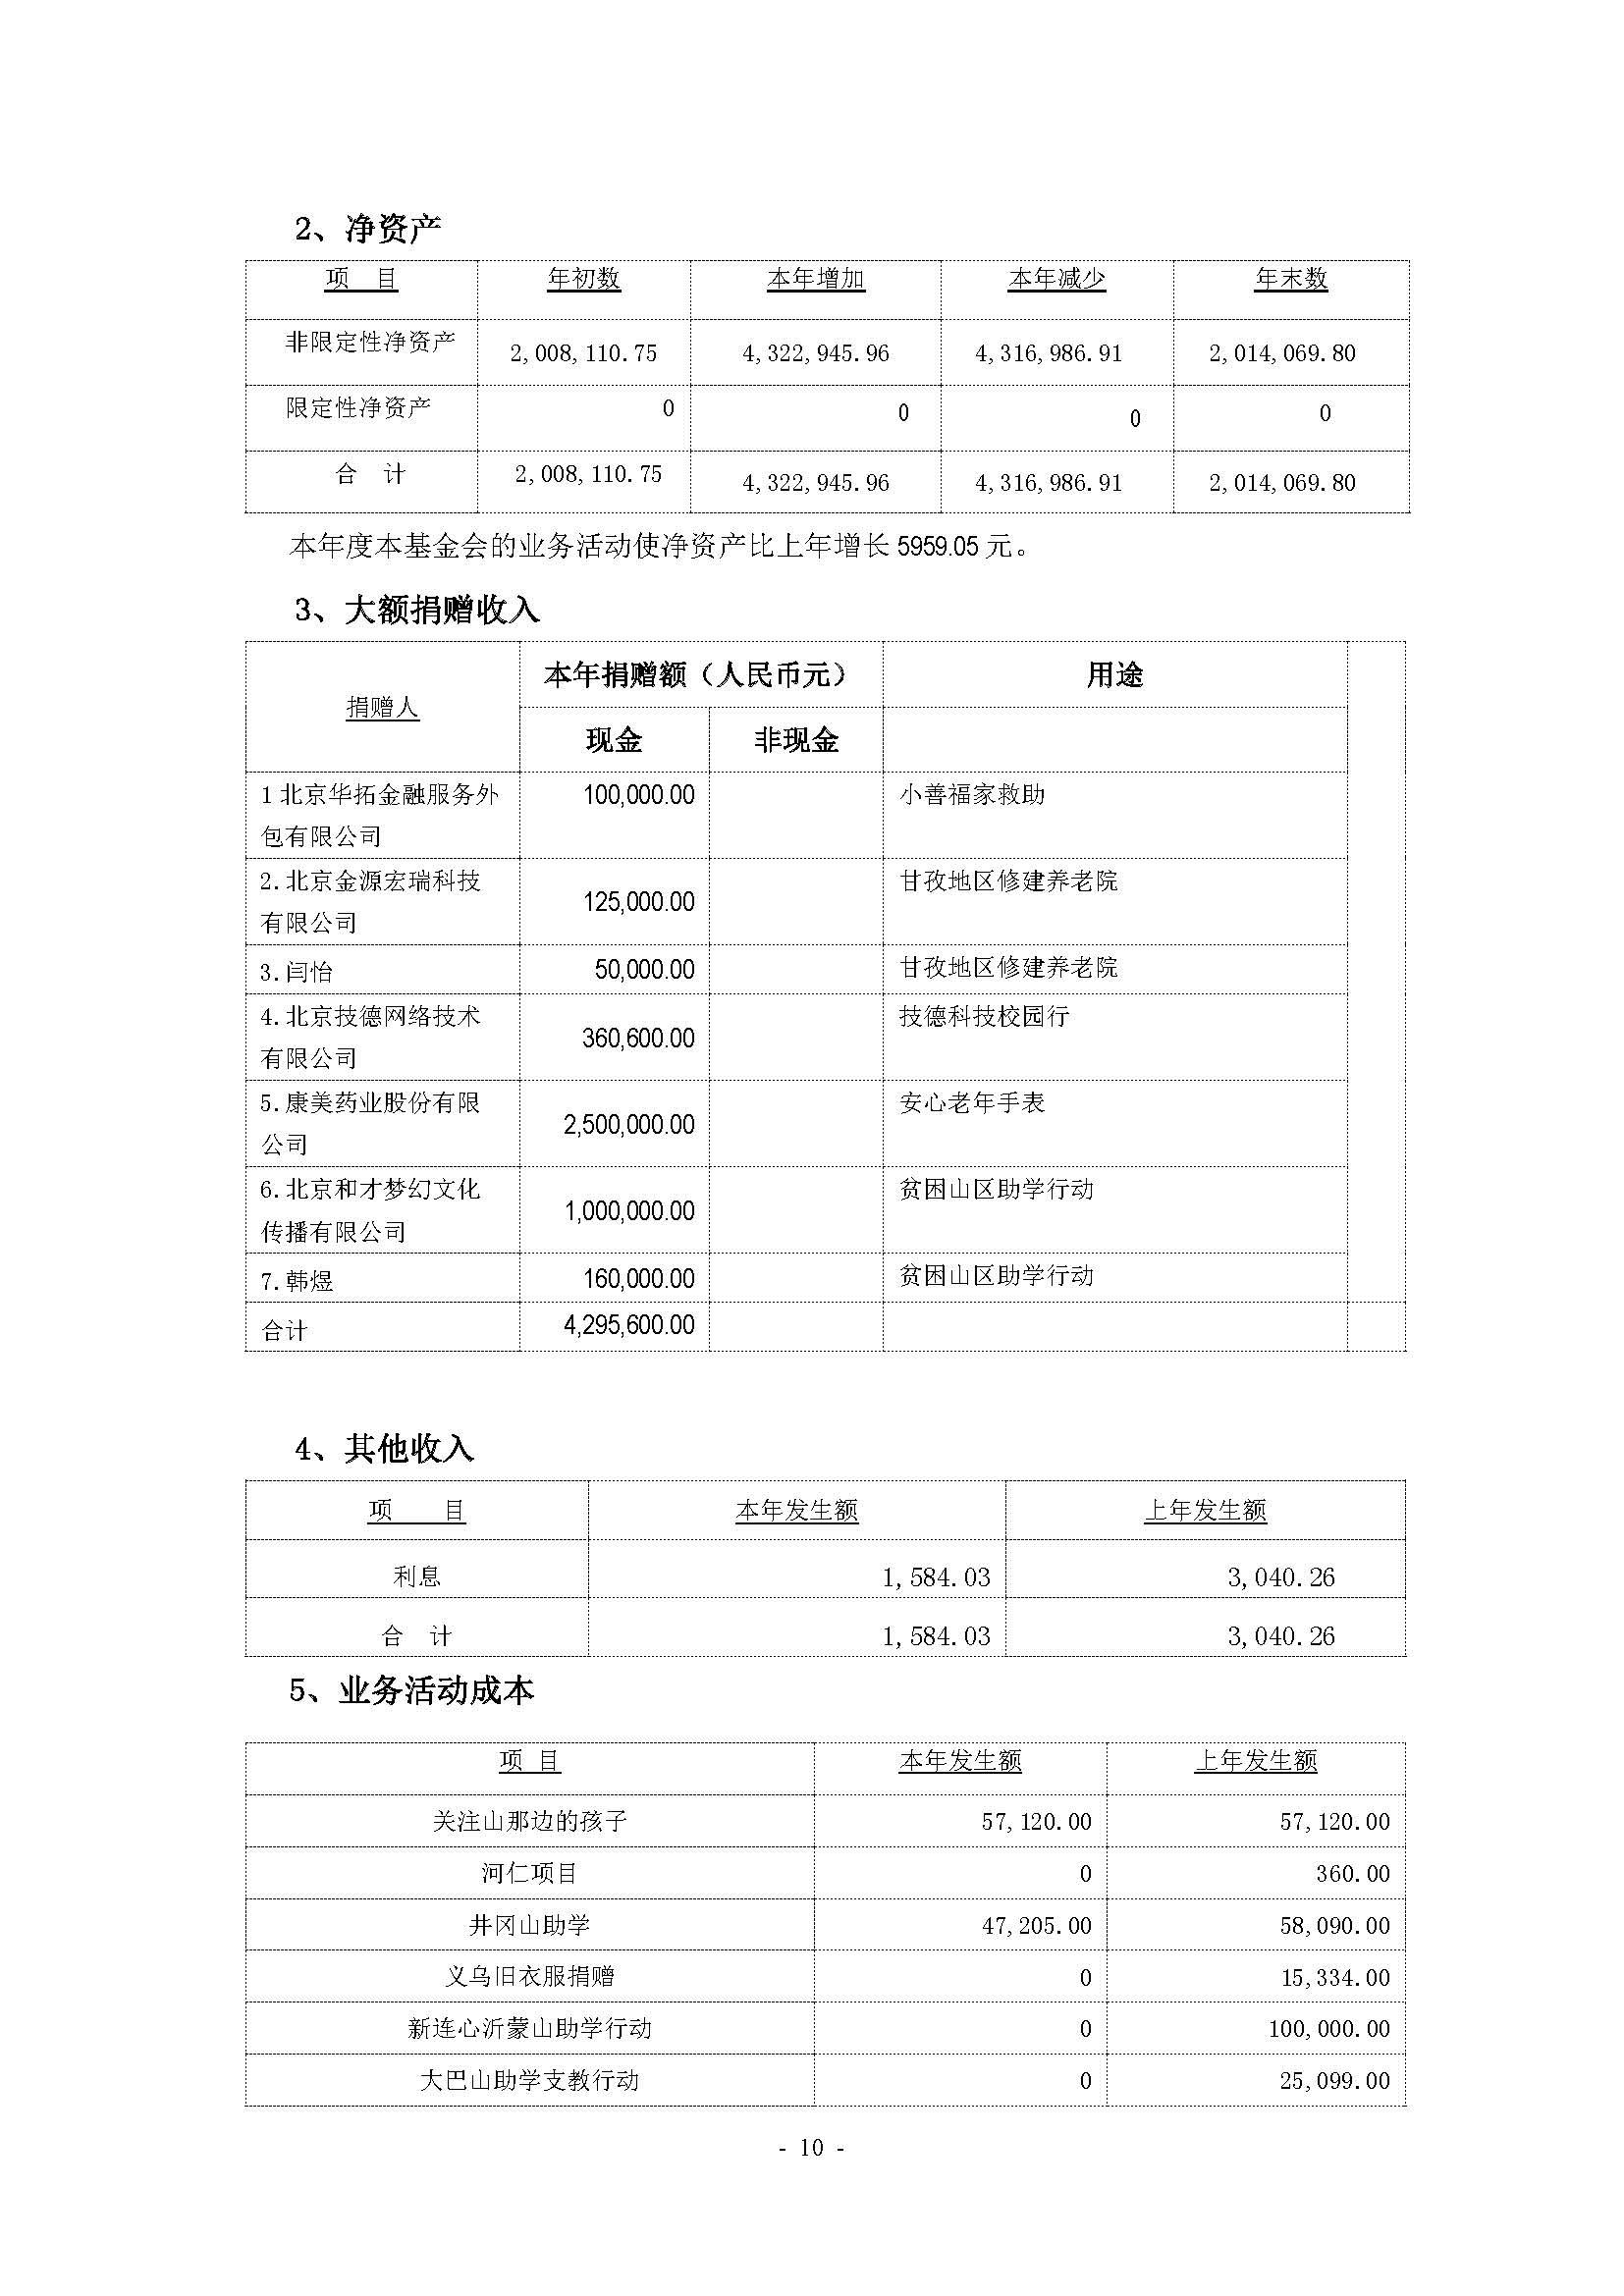 [2016]3016#山花工程基金会审计报告(电子签章)_页面_11